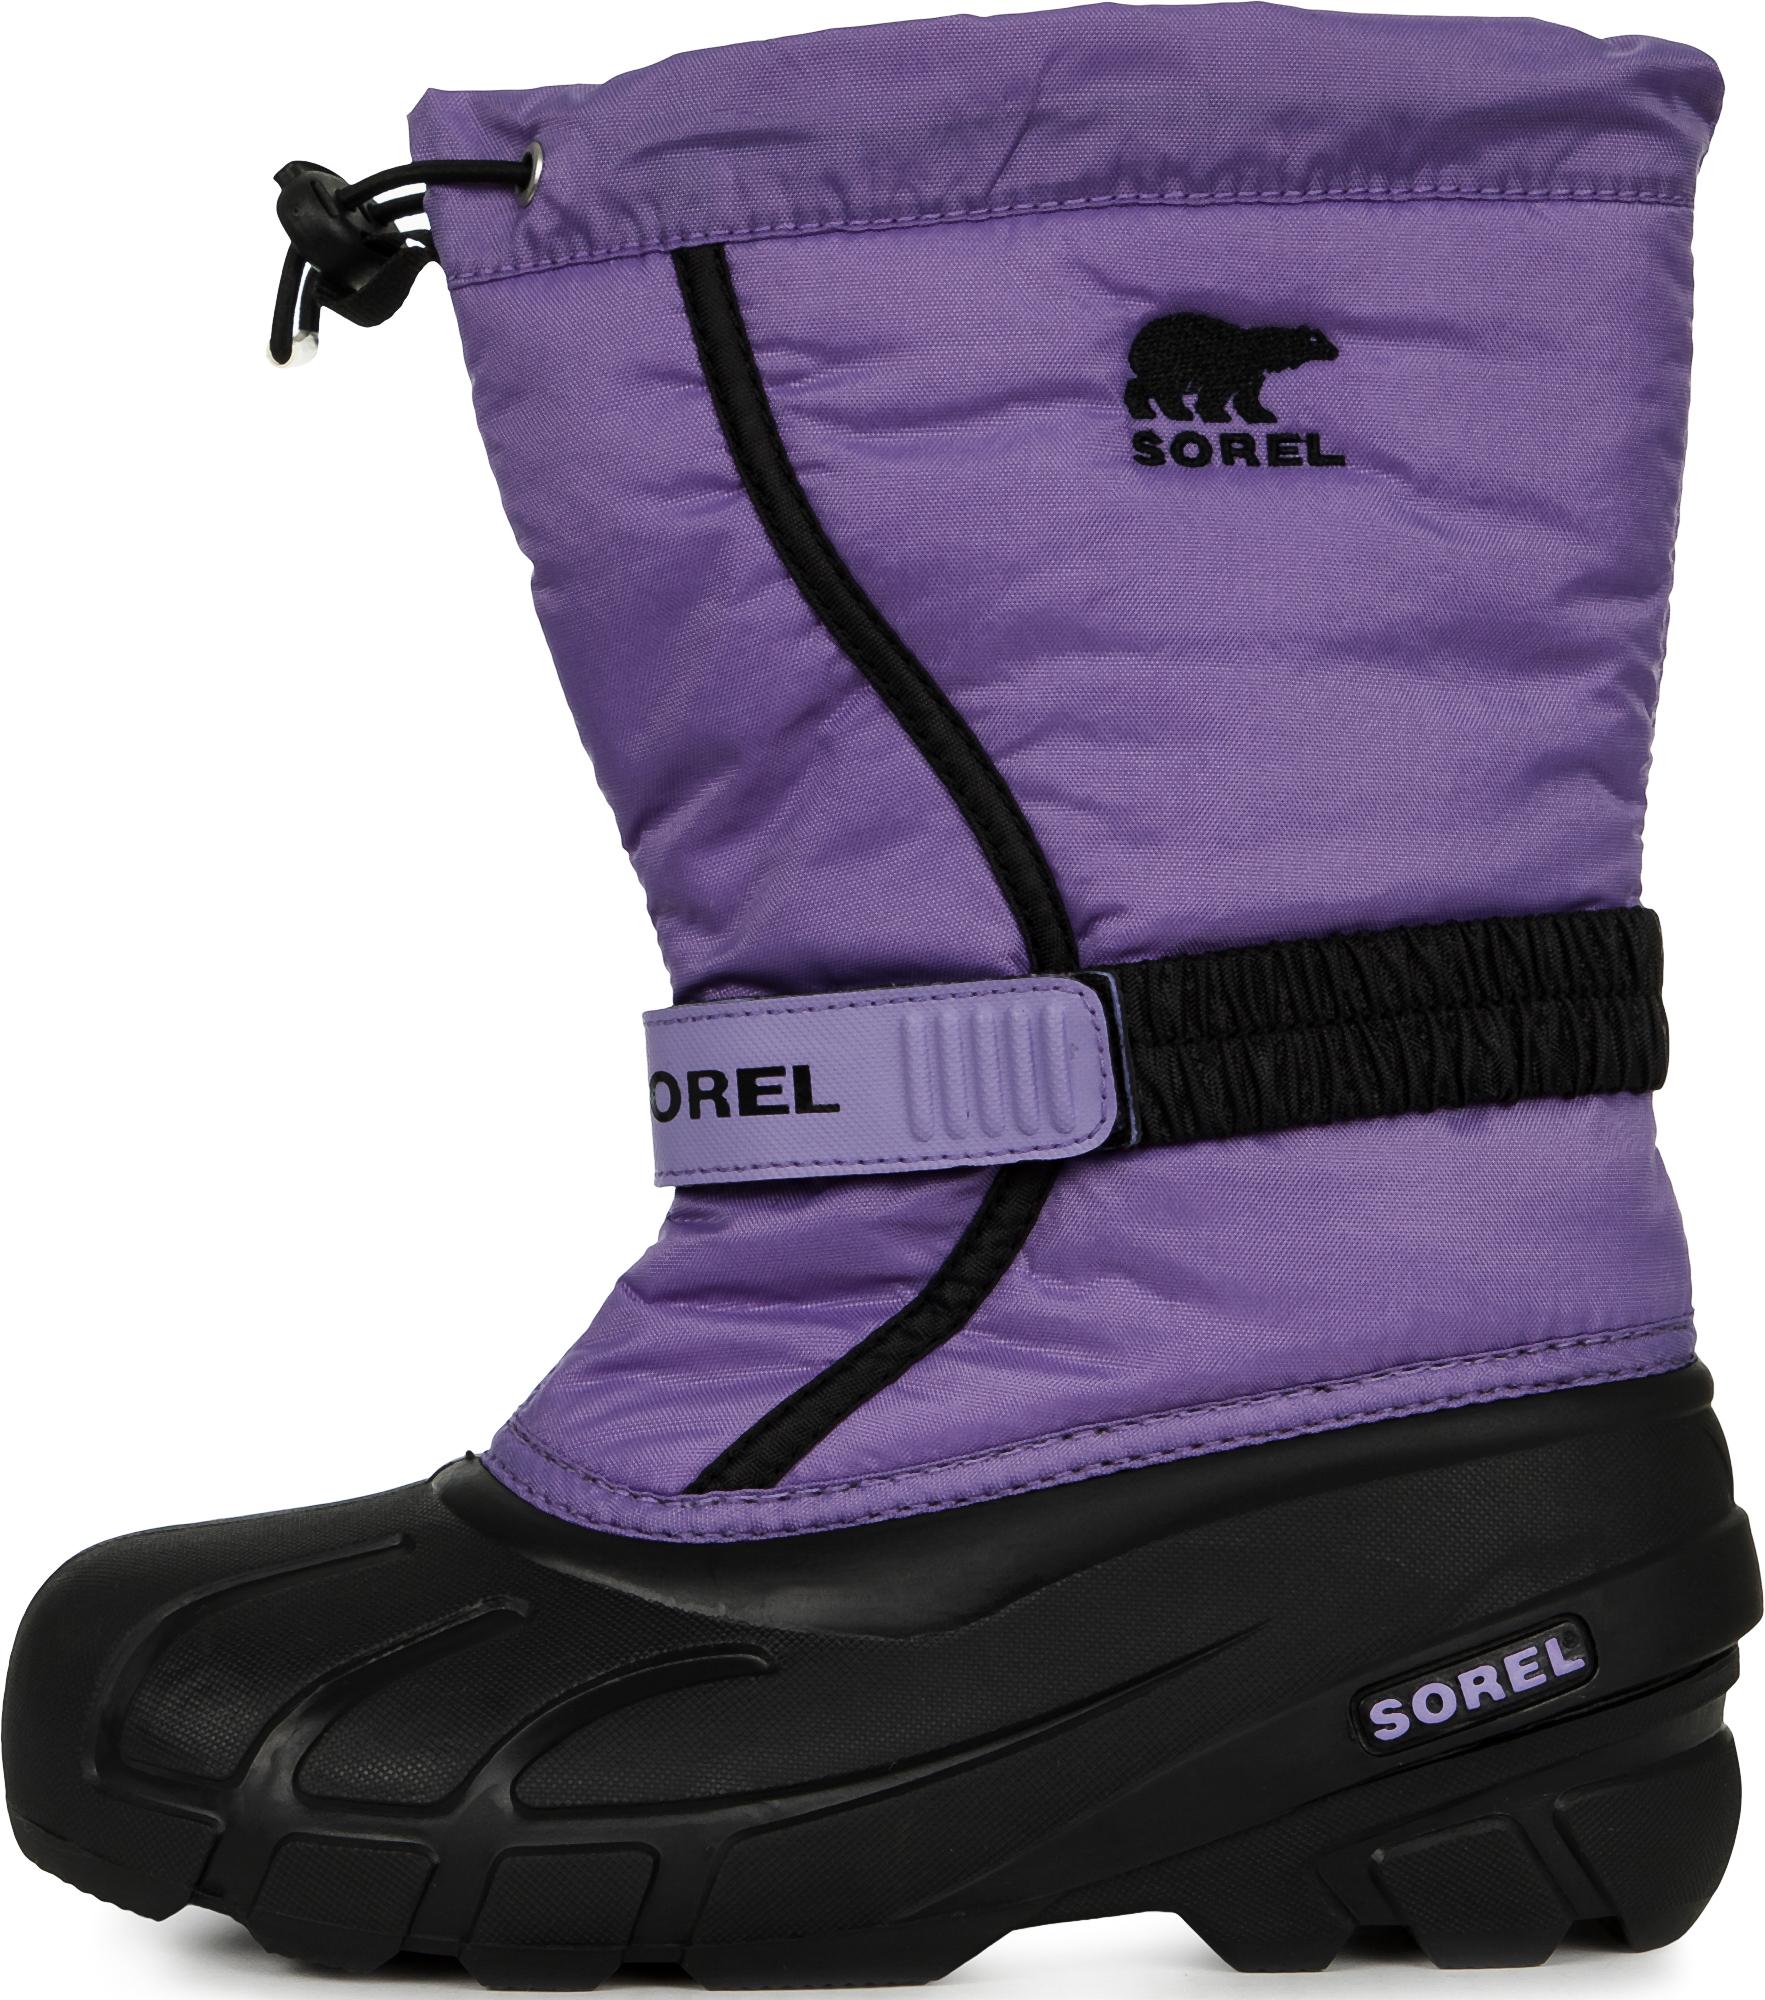 цена на Sorel Сапоги утепленные для девочек Sorel Youth Flurry, размер 37,5